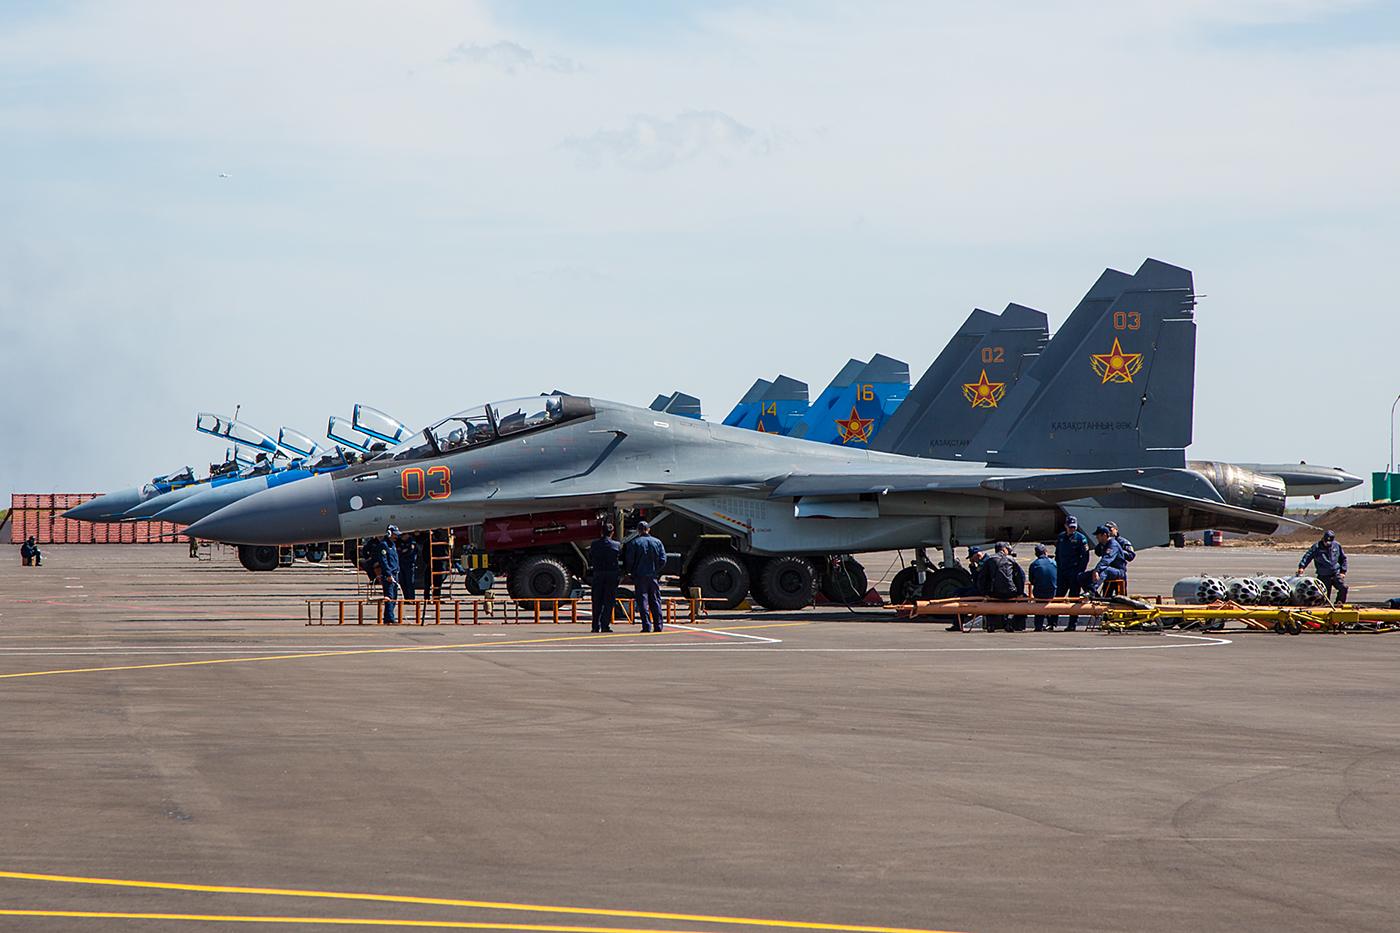 Su-30SM auf der Rampe.